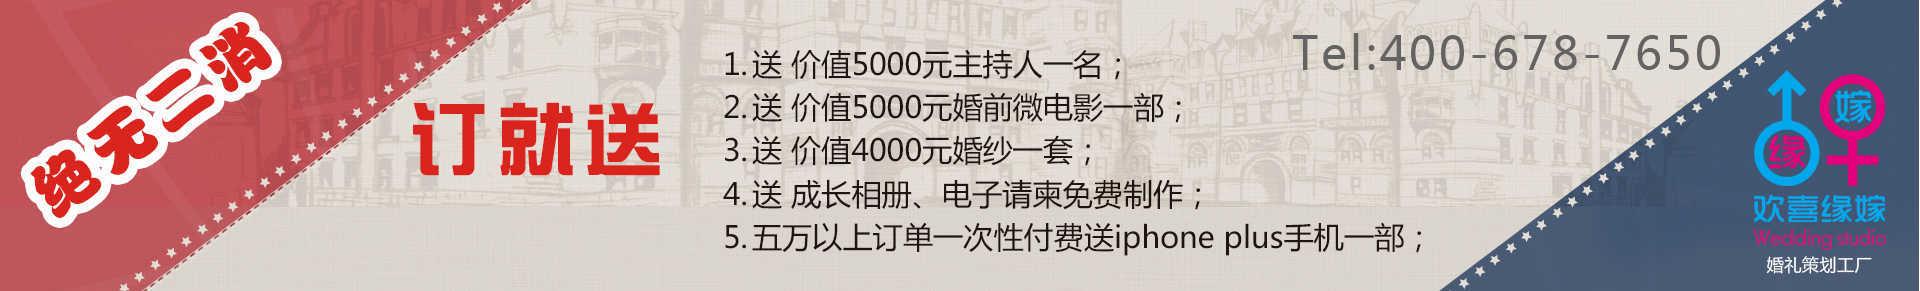 北京欢喜缘嫁婚礼策划工厂 banner